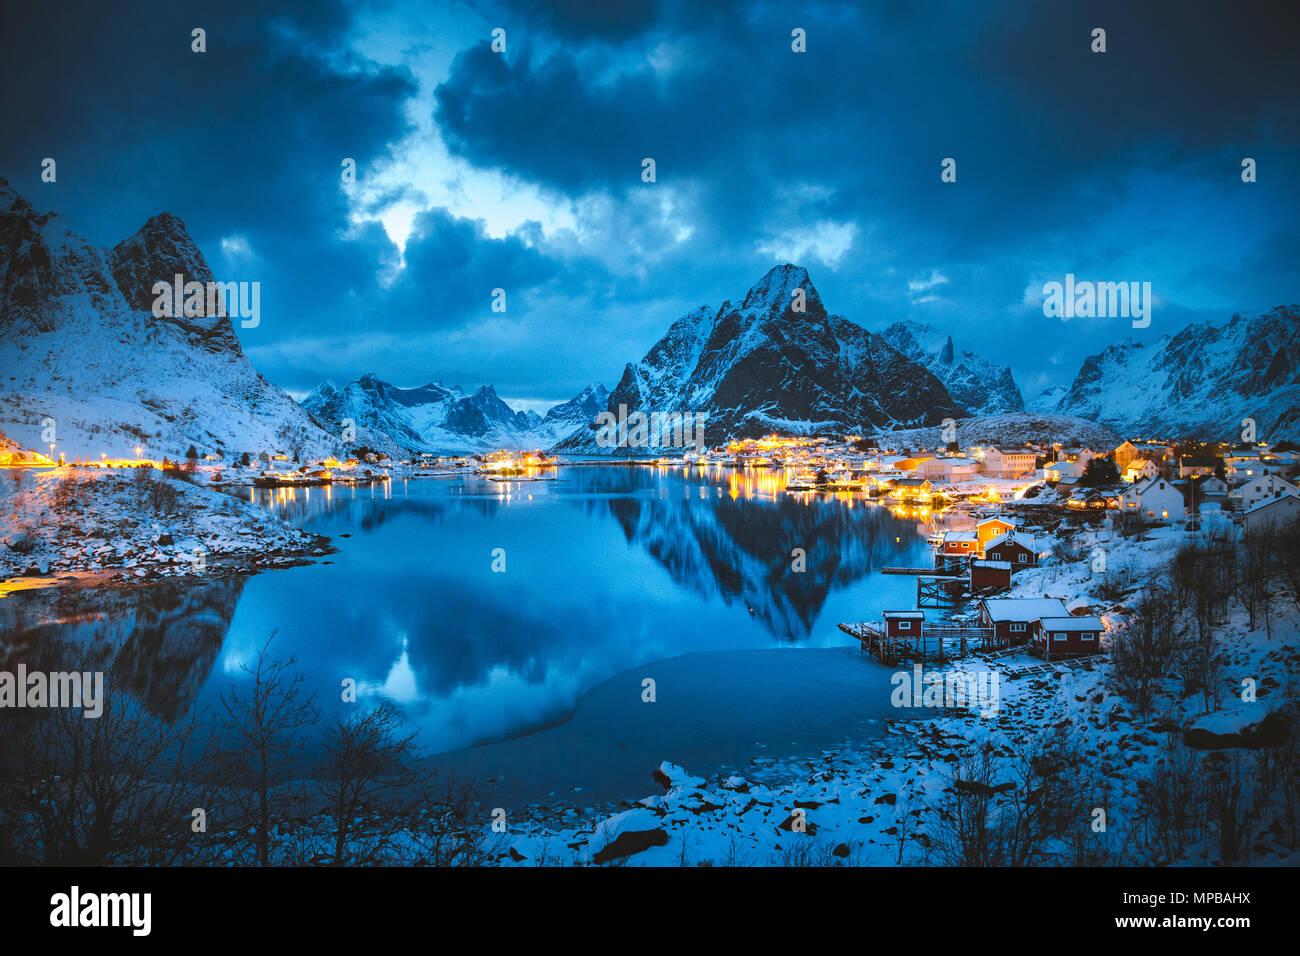 L'affichage classique du célèbre village de pêcheurs de reine avec Olstinden pic dans l'arrière-plan en hiver magique au crépuscule, îles Lofoten, Norvège Photo Stock